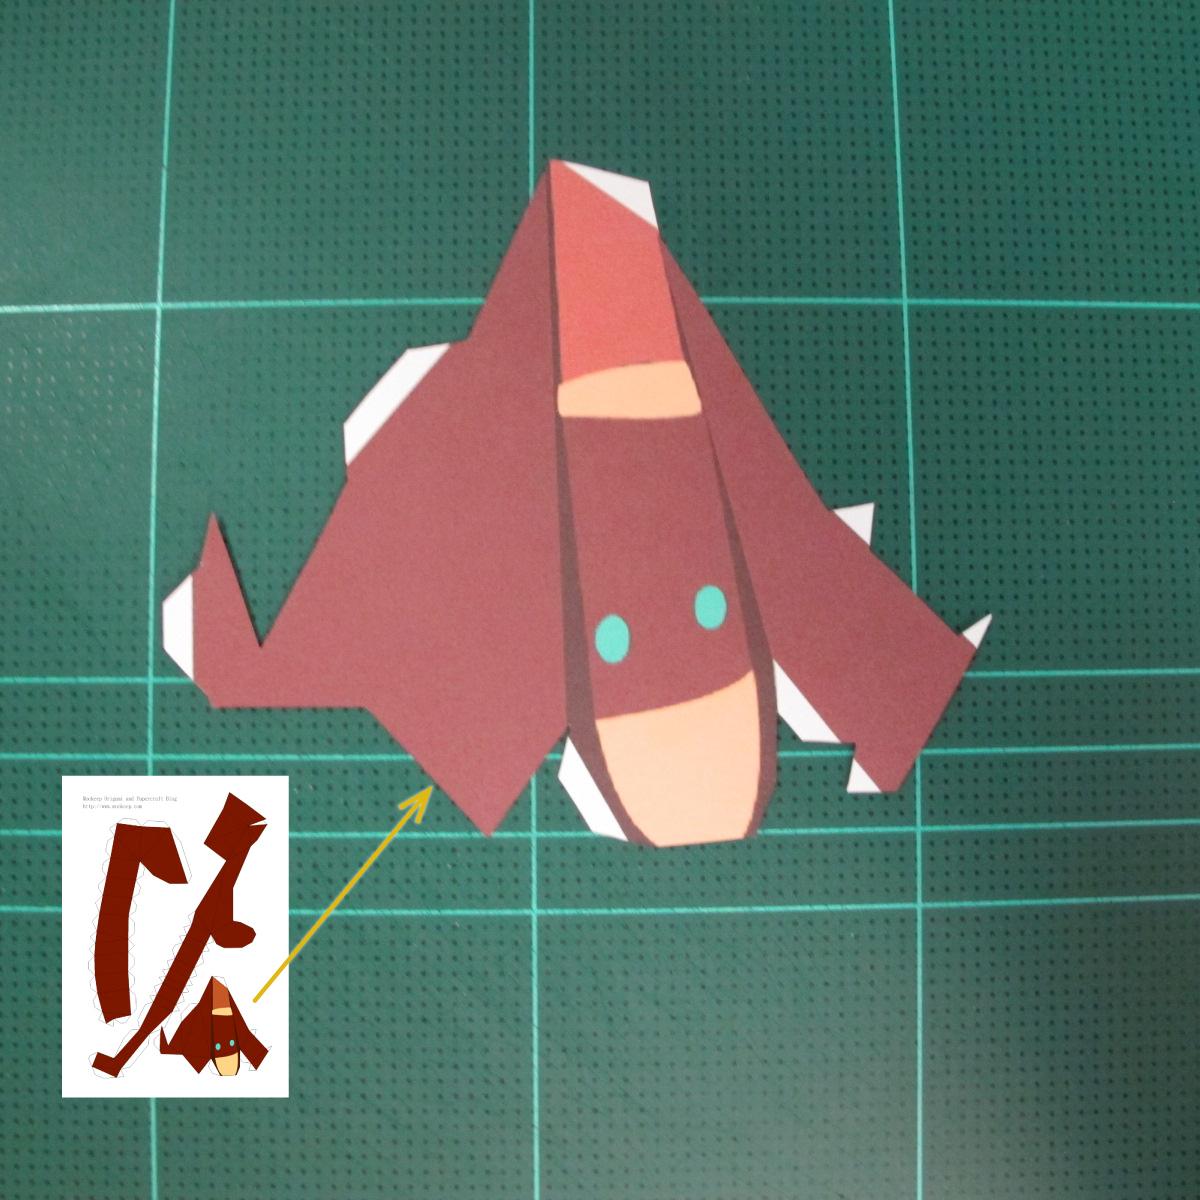 วิธีทำโมเดลกระดาษตุ้กตาคุกกี้รัน คุกกี้รสฮีโร่ (LINE Cookie Run Hero Cookie Papercraft Model) 008